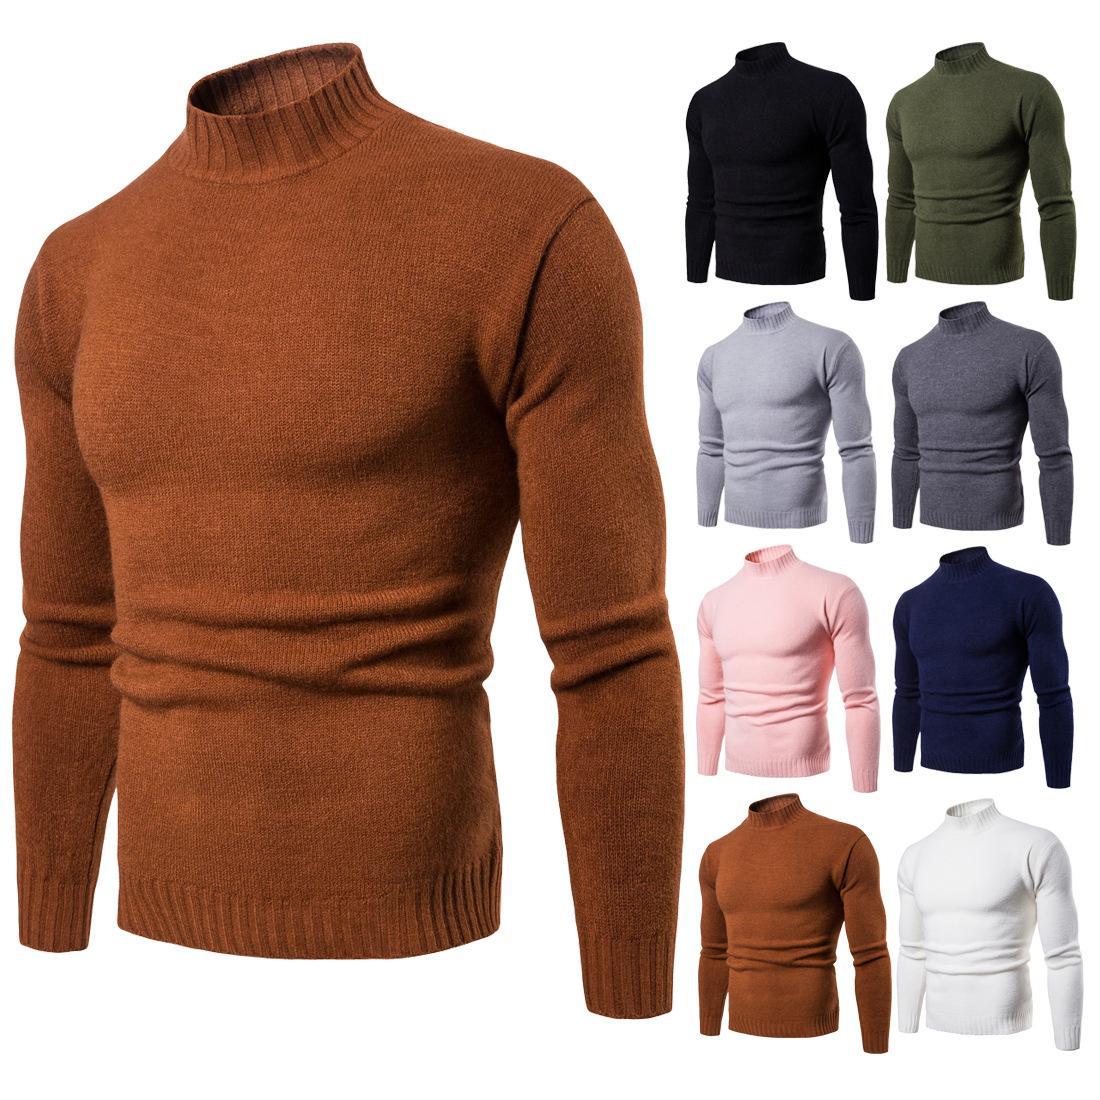 2020 Sonbahar Kış Yeni Erkek Turtleneck Slim-Fit dibe Gömlek Katı Renk Örme Triko Erkekler S örme